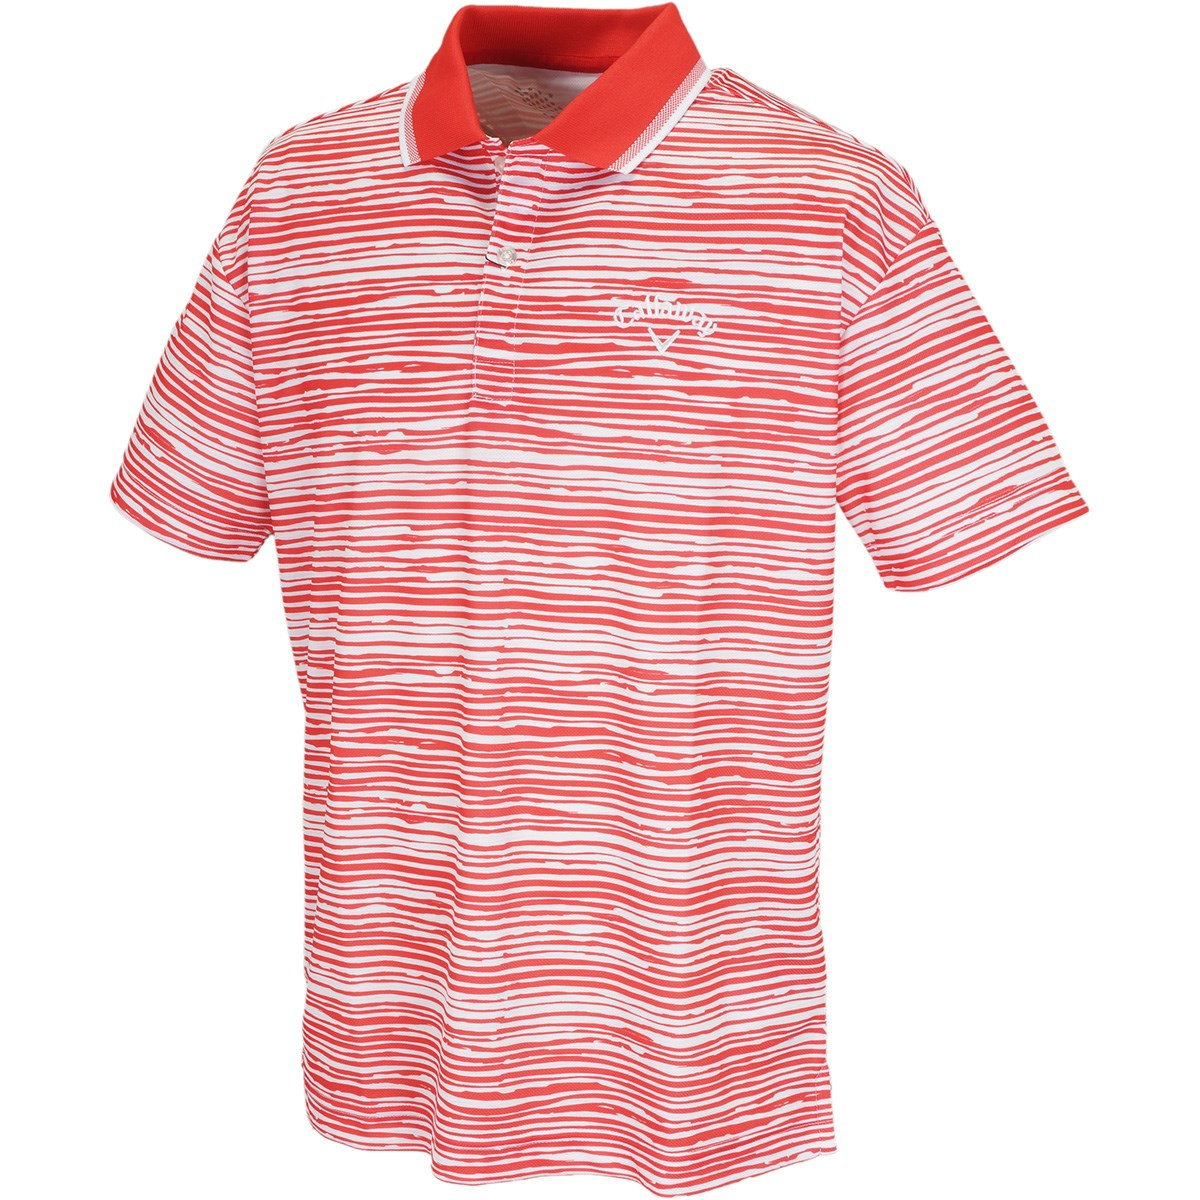 キャロウェイゴルフ(Callaway Golf) ボーダープリント変形鹿の子 半袖ポロシャツ